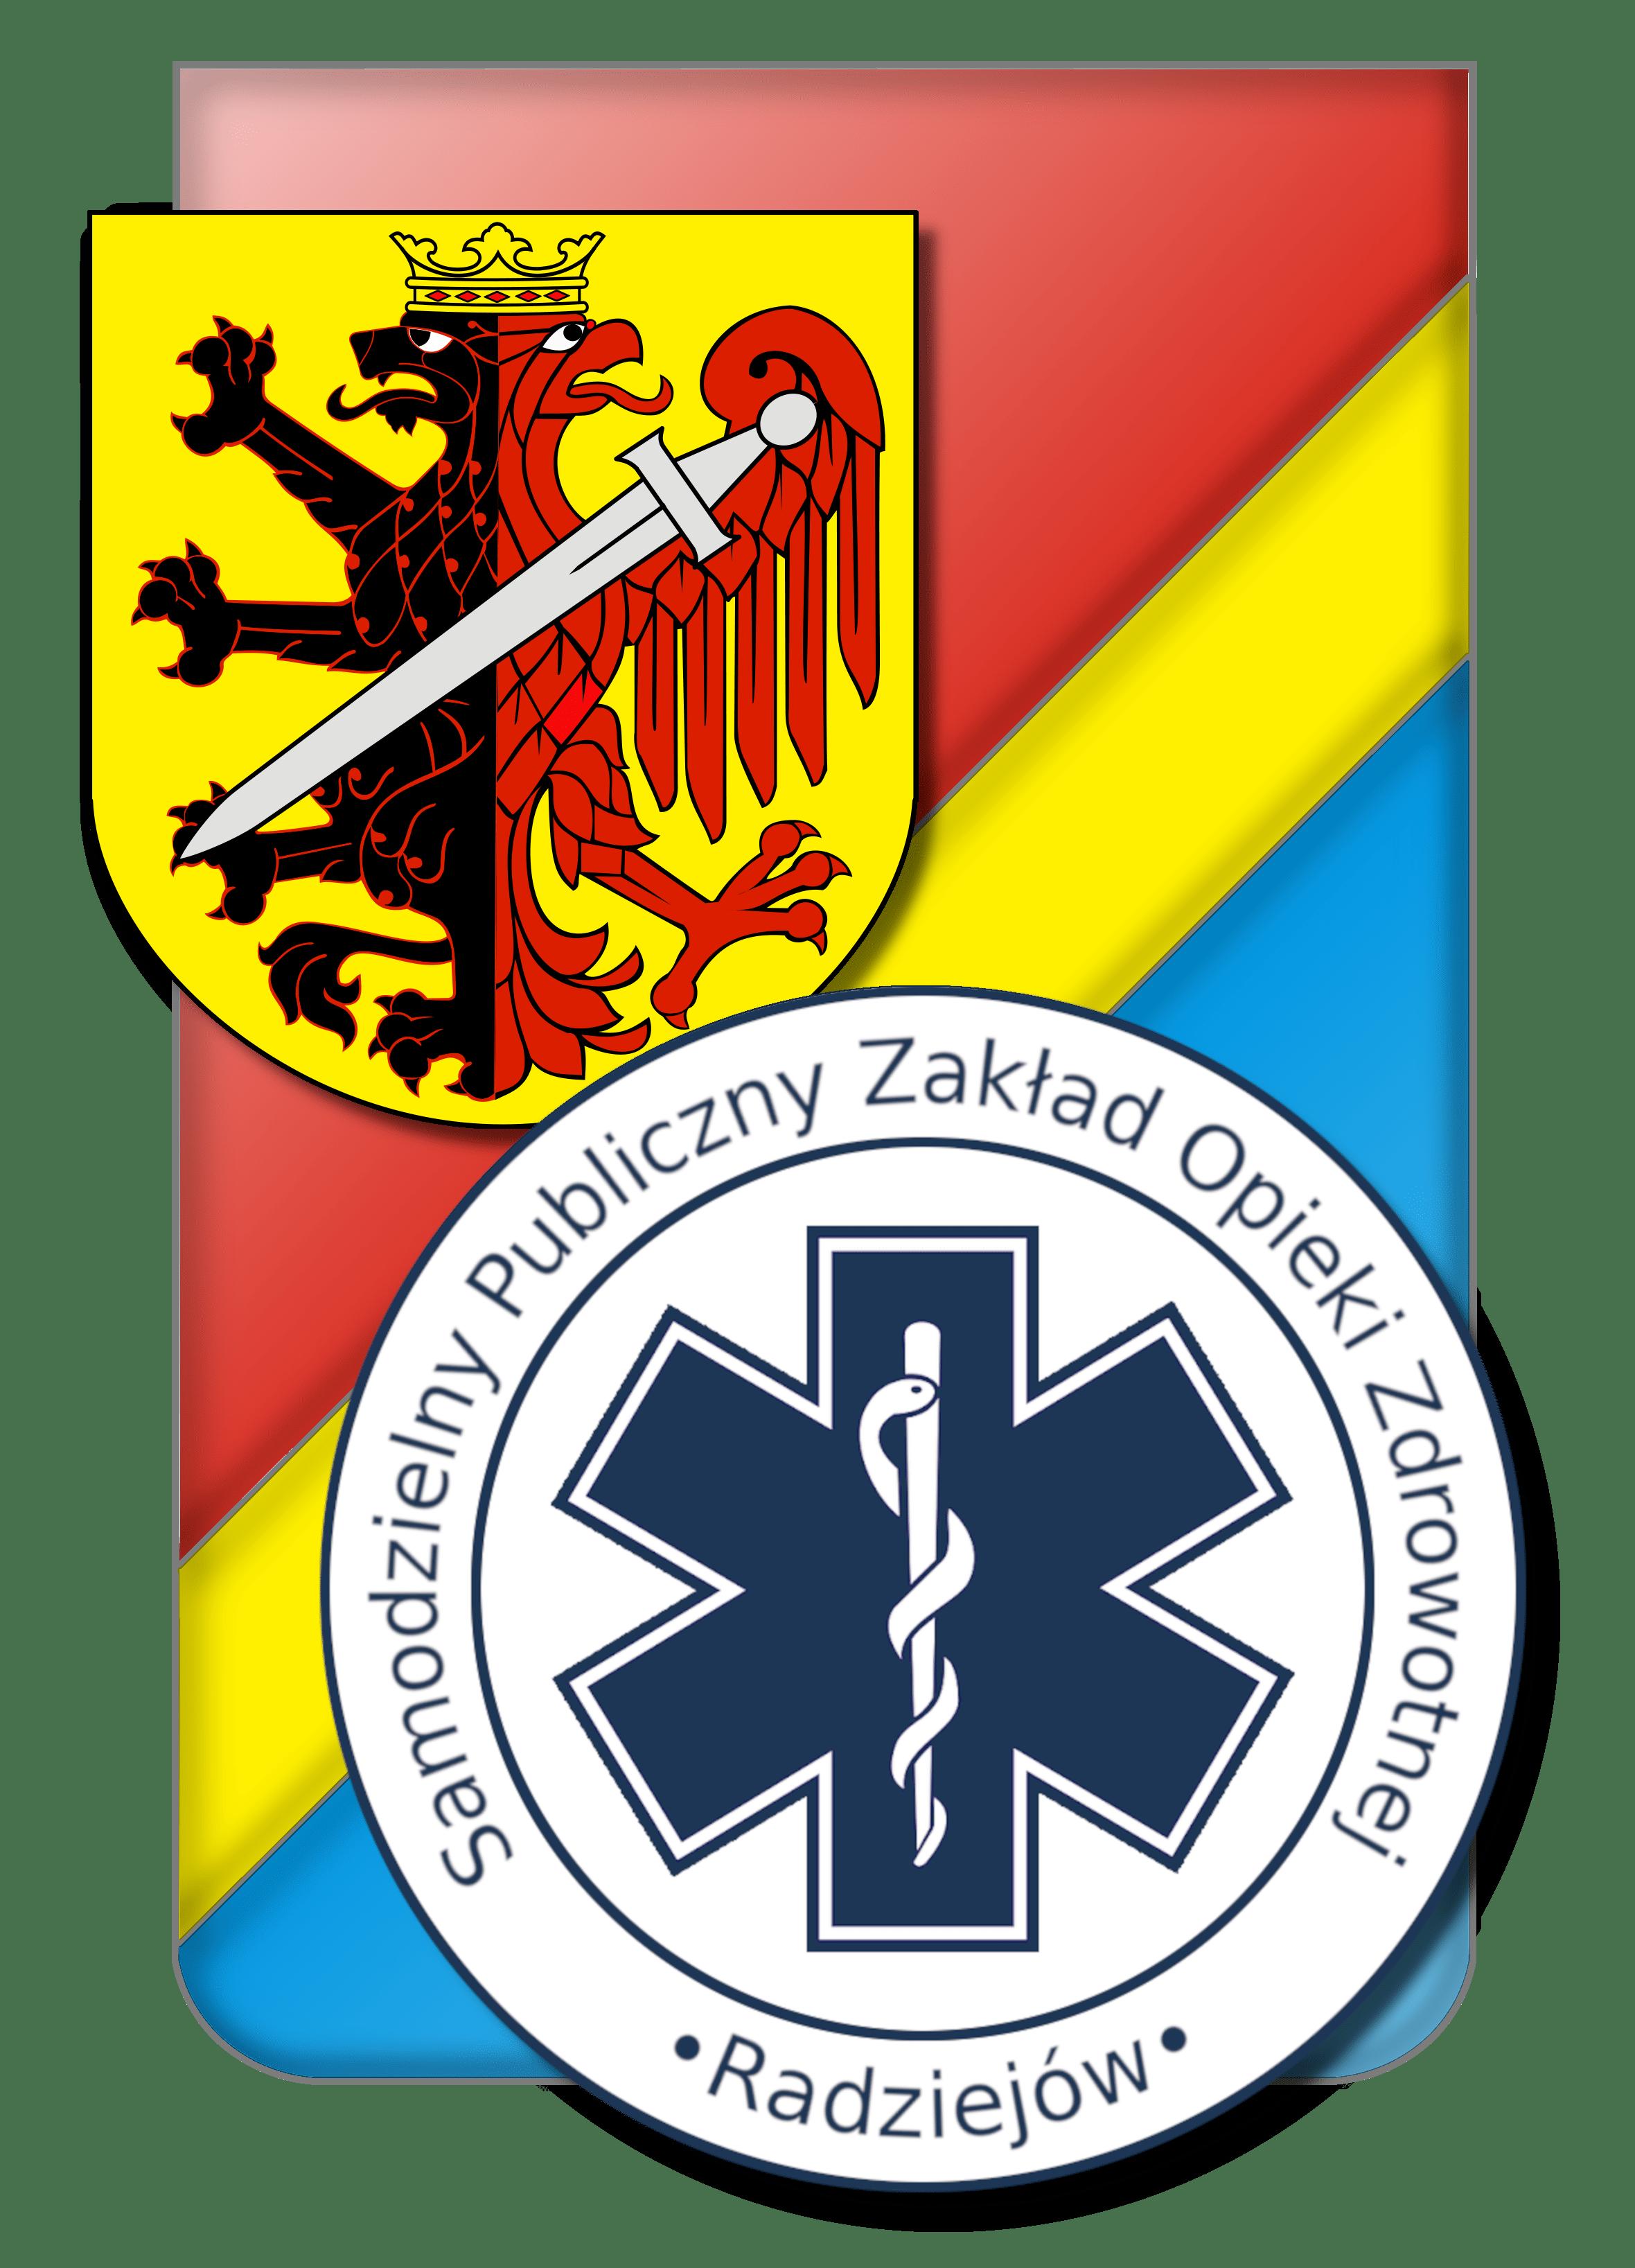 Samodzielny Publiczny Zakład Opieki Zdrowotnej w Radziejowie